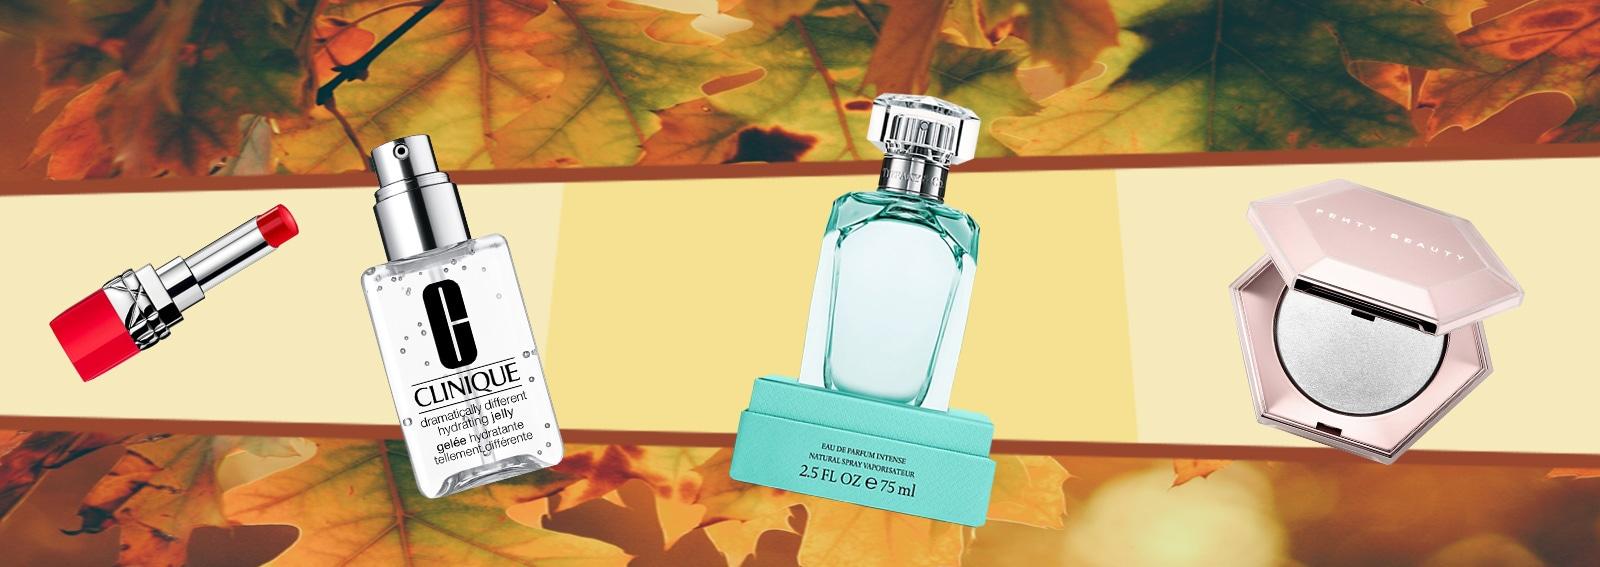 DESKTOP_nuovi-prodotti-per-un-autunno-al-top